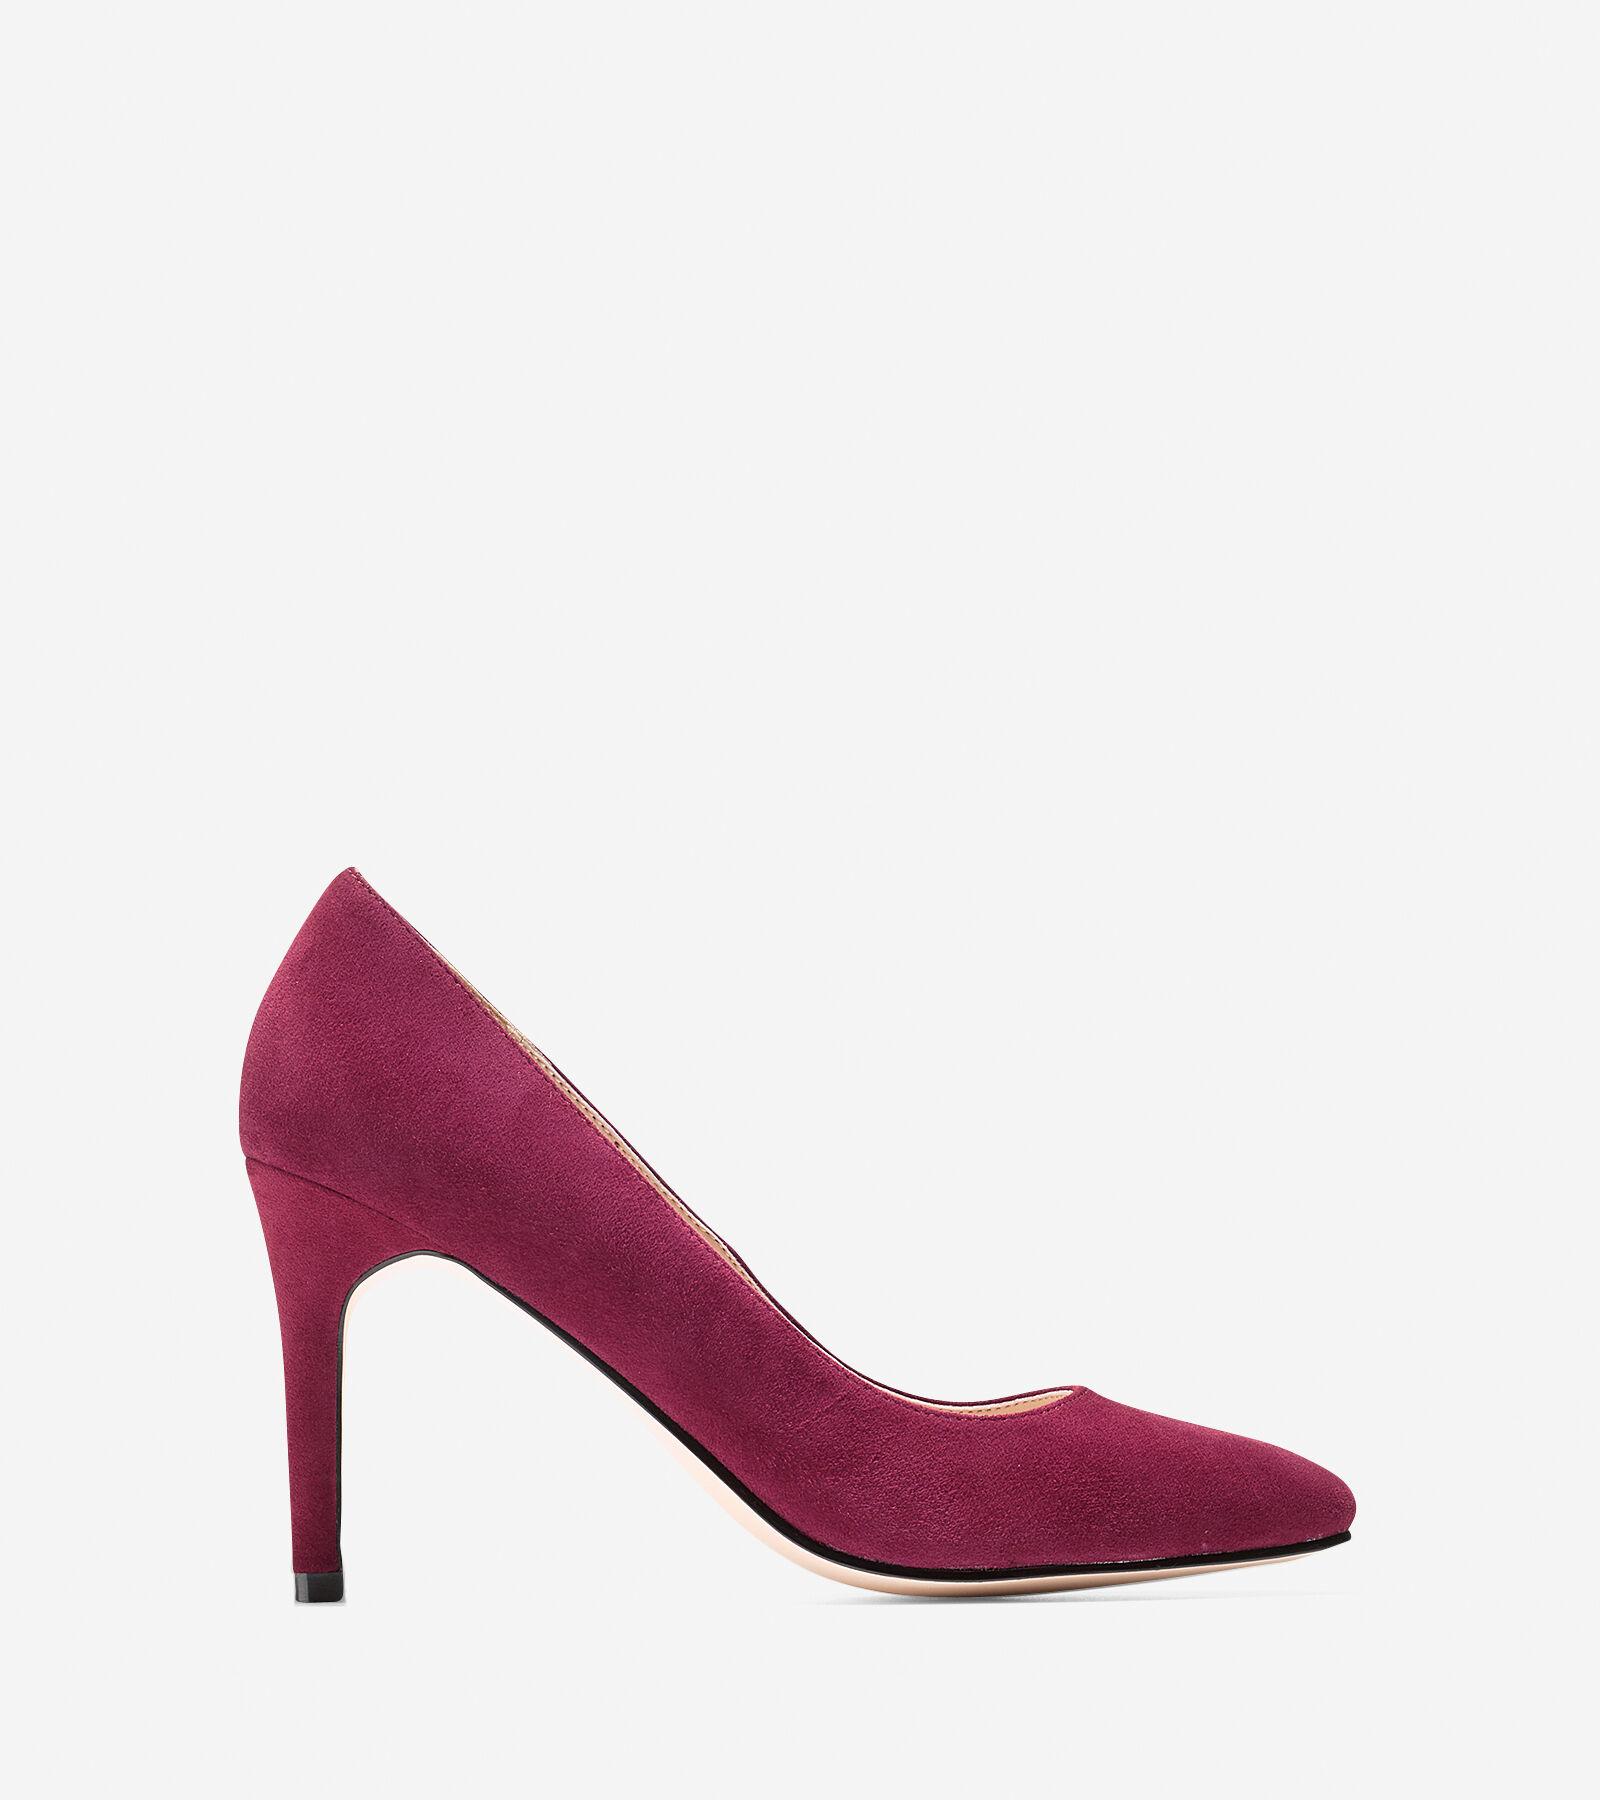 Gorgeous Womens Shoes Cole Haan Fair Haven Pump Zinfandel Suede